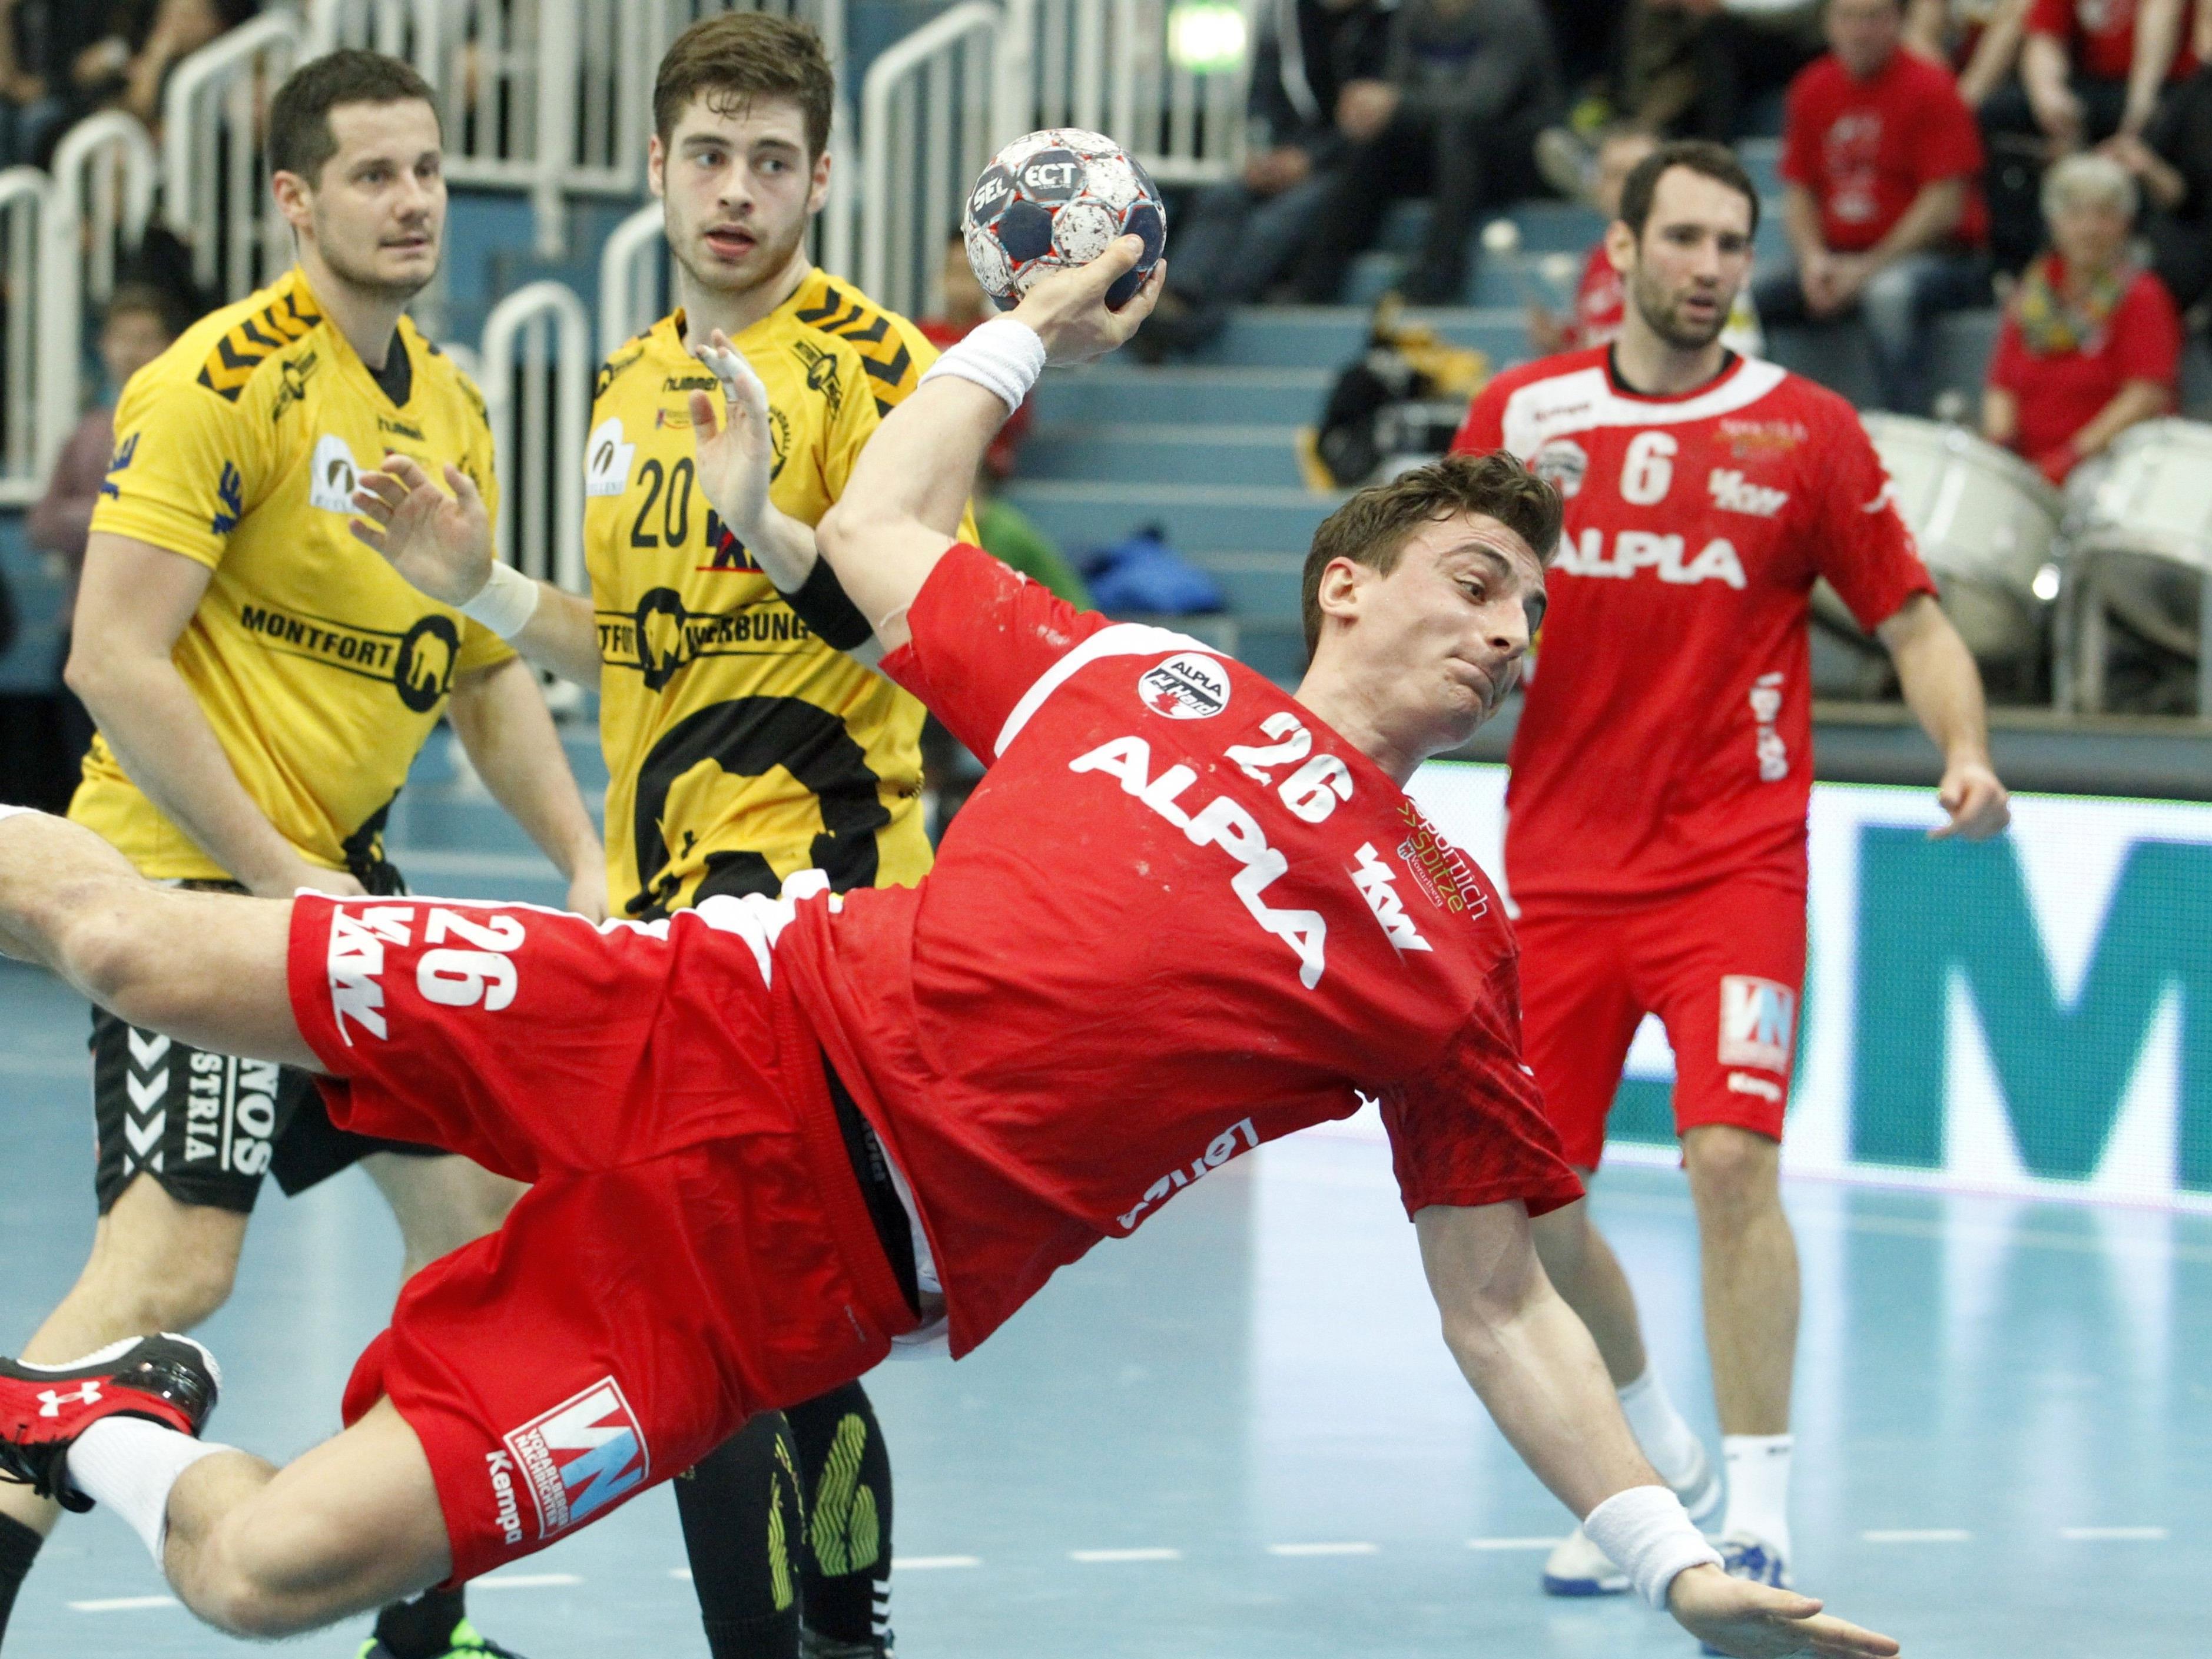 Am Dienstag sind Lukas Herburger (26 rot) und Ante Esegovic (20 gelb) im ÖHB Future Team 2020 vereint. Am Freitag stehen sich die beiden als Kontrahenten im 84. Ländle-Derby gegenüber.